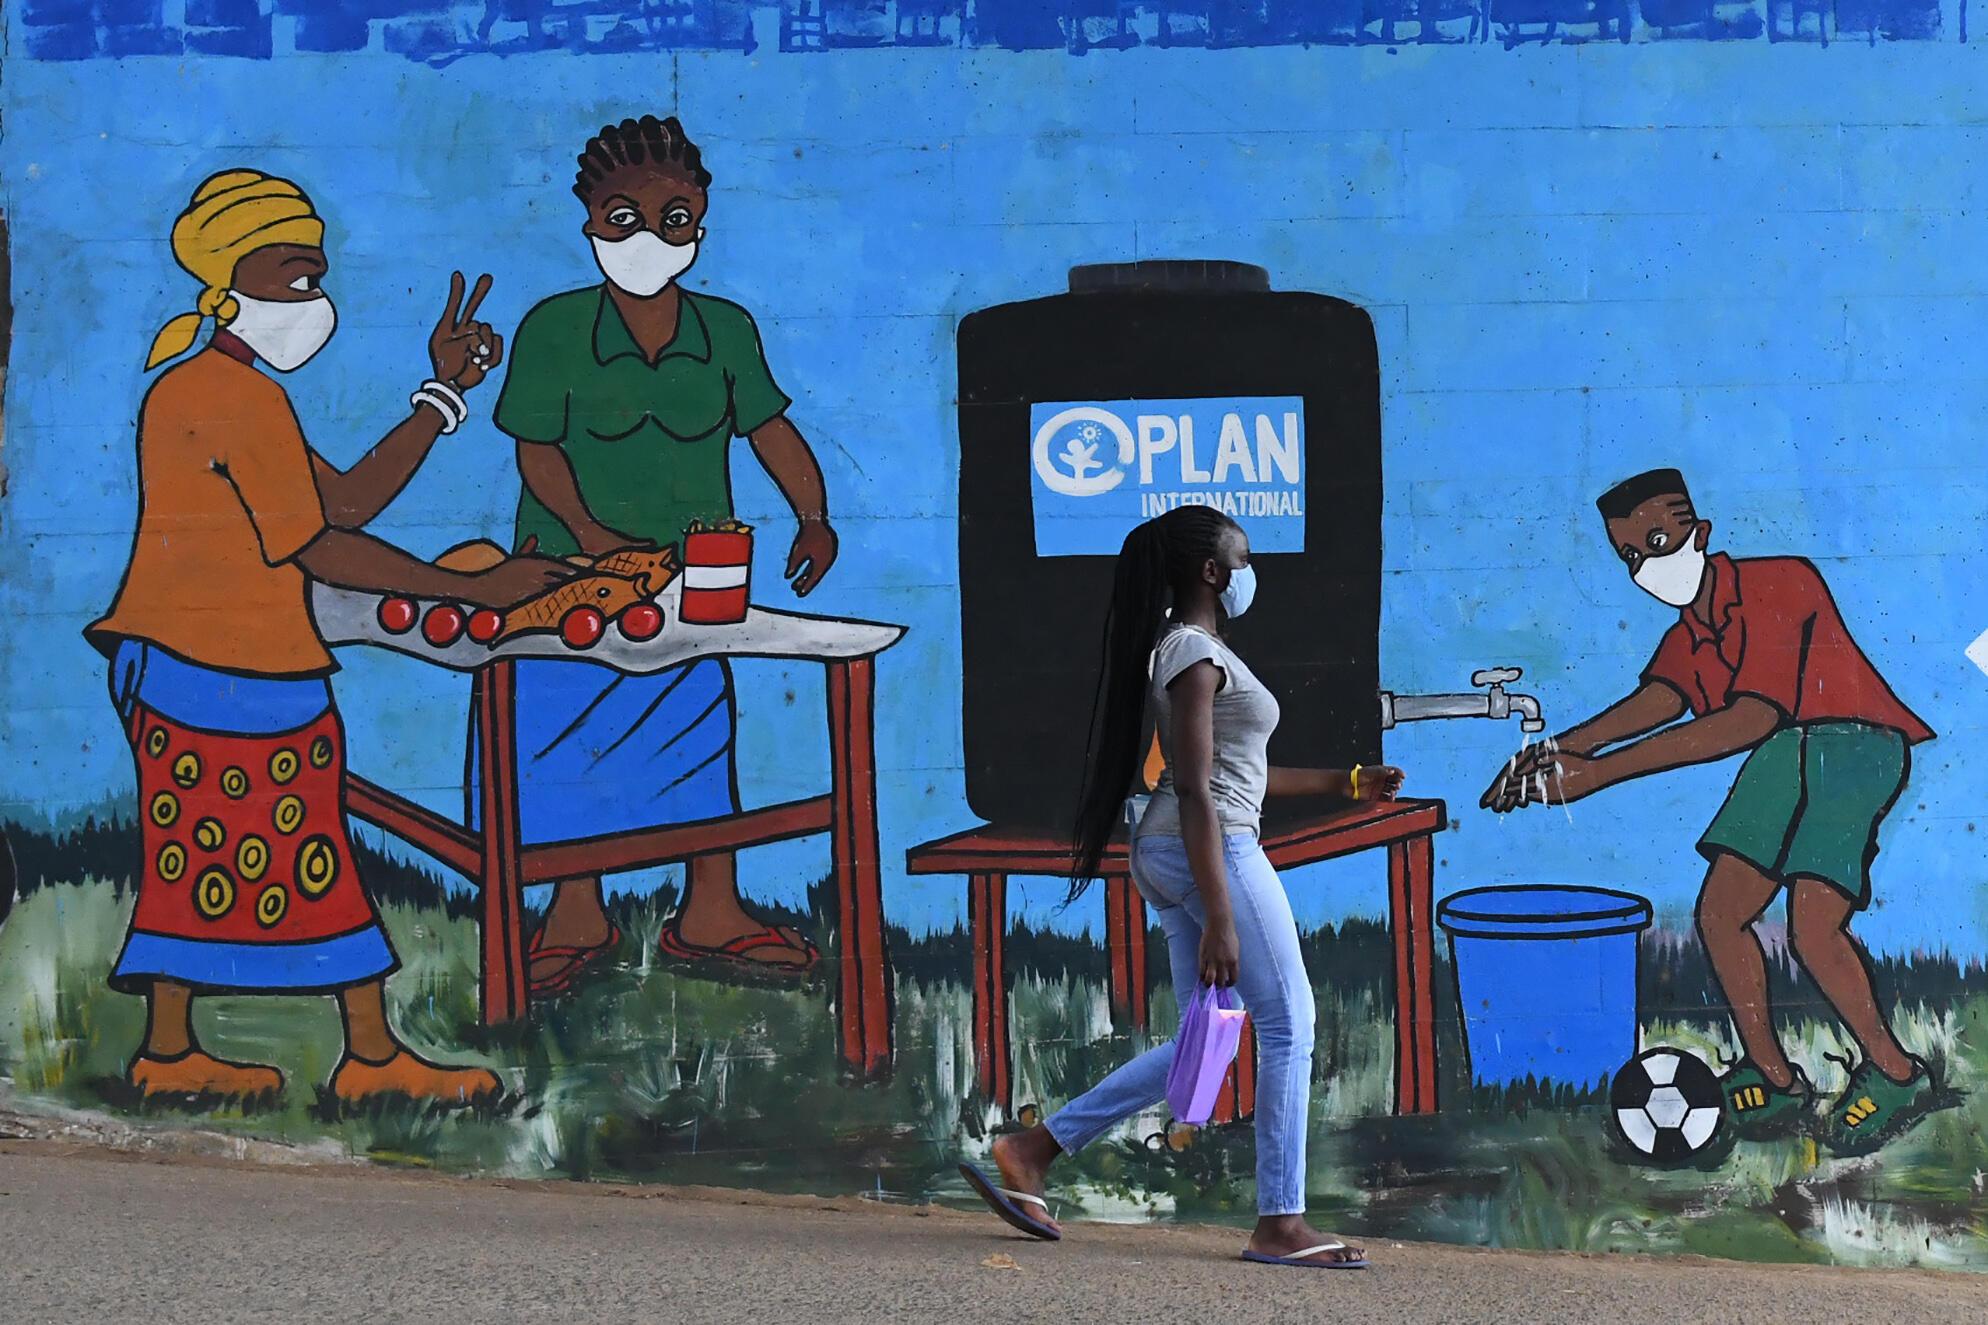 Une fresque murale encourage le lavage des mains et le port de masques comme mesures de prévention contre le coronavirus, dans le bidonville de Kibera à Nairobi, le 13 août 2020.